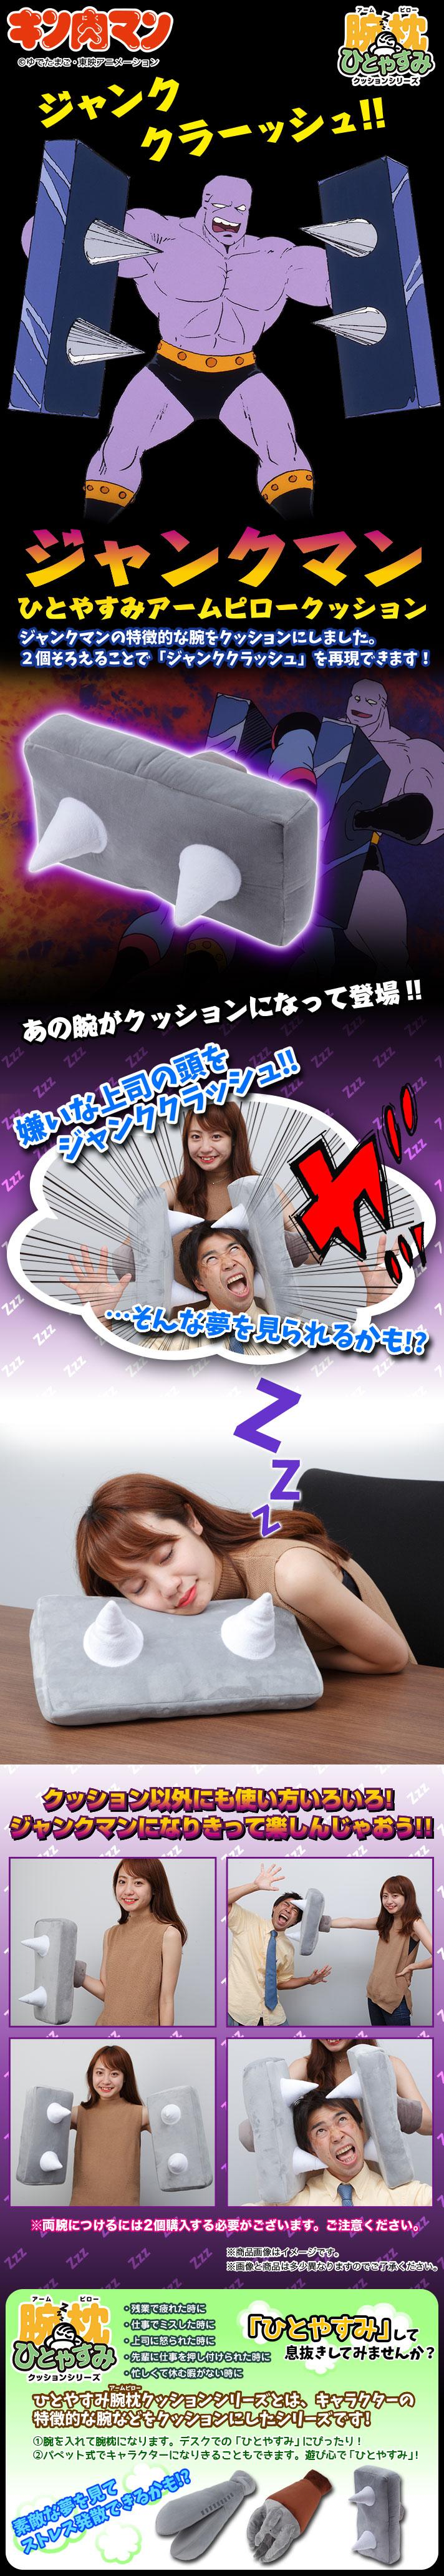 ひとやすみ腕枕(アームピロー)クッション ジャンクマン